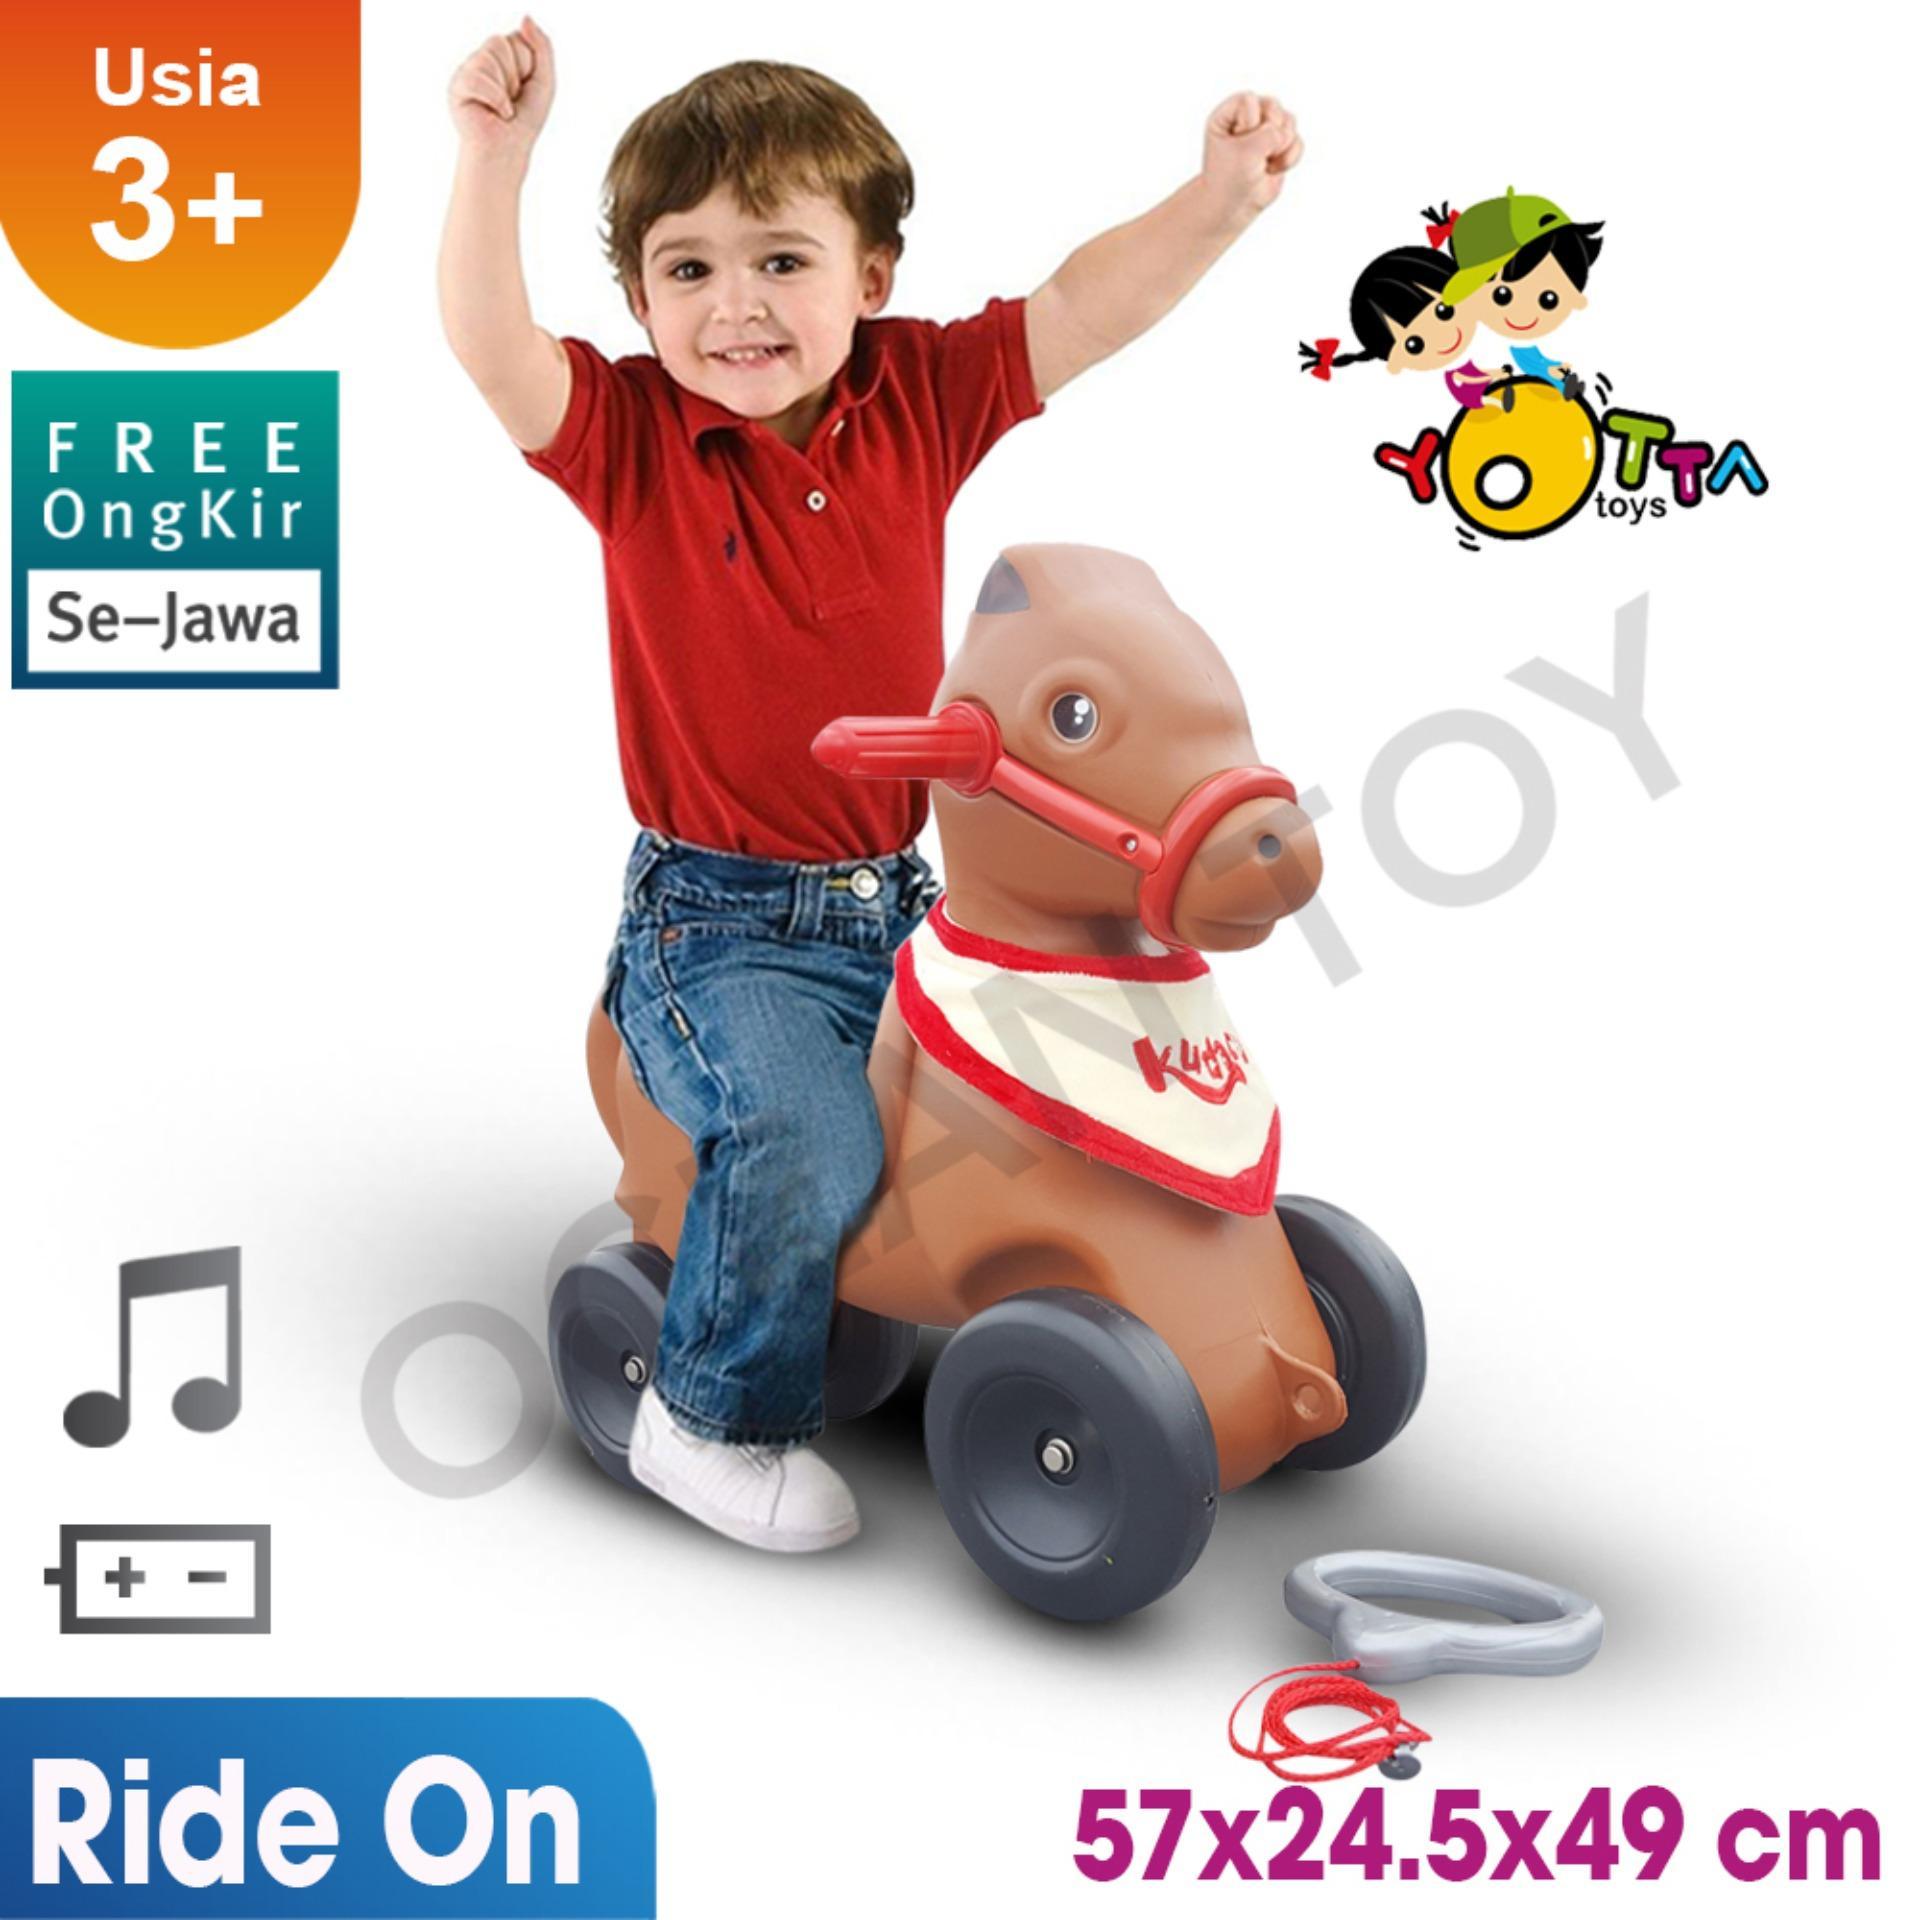 100% Free Ongkir Khusus Pulau Jawa Ocean Toy Yotta Ride On Kudacu Mainan Anak - HDC